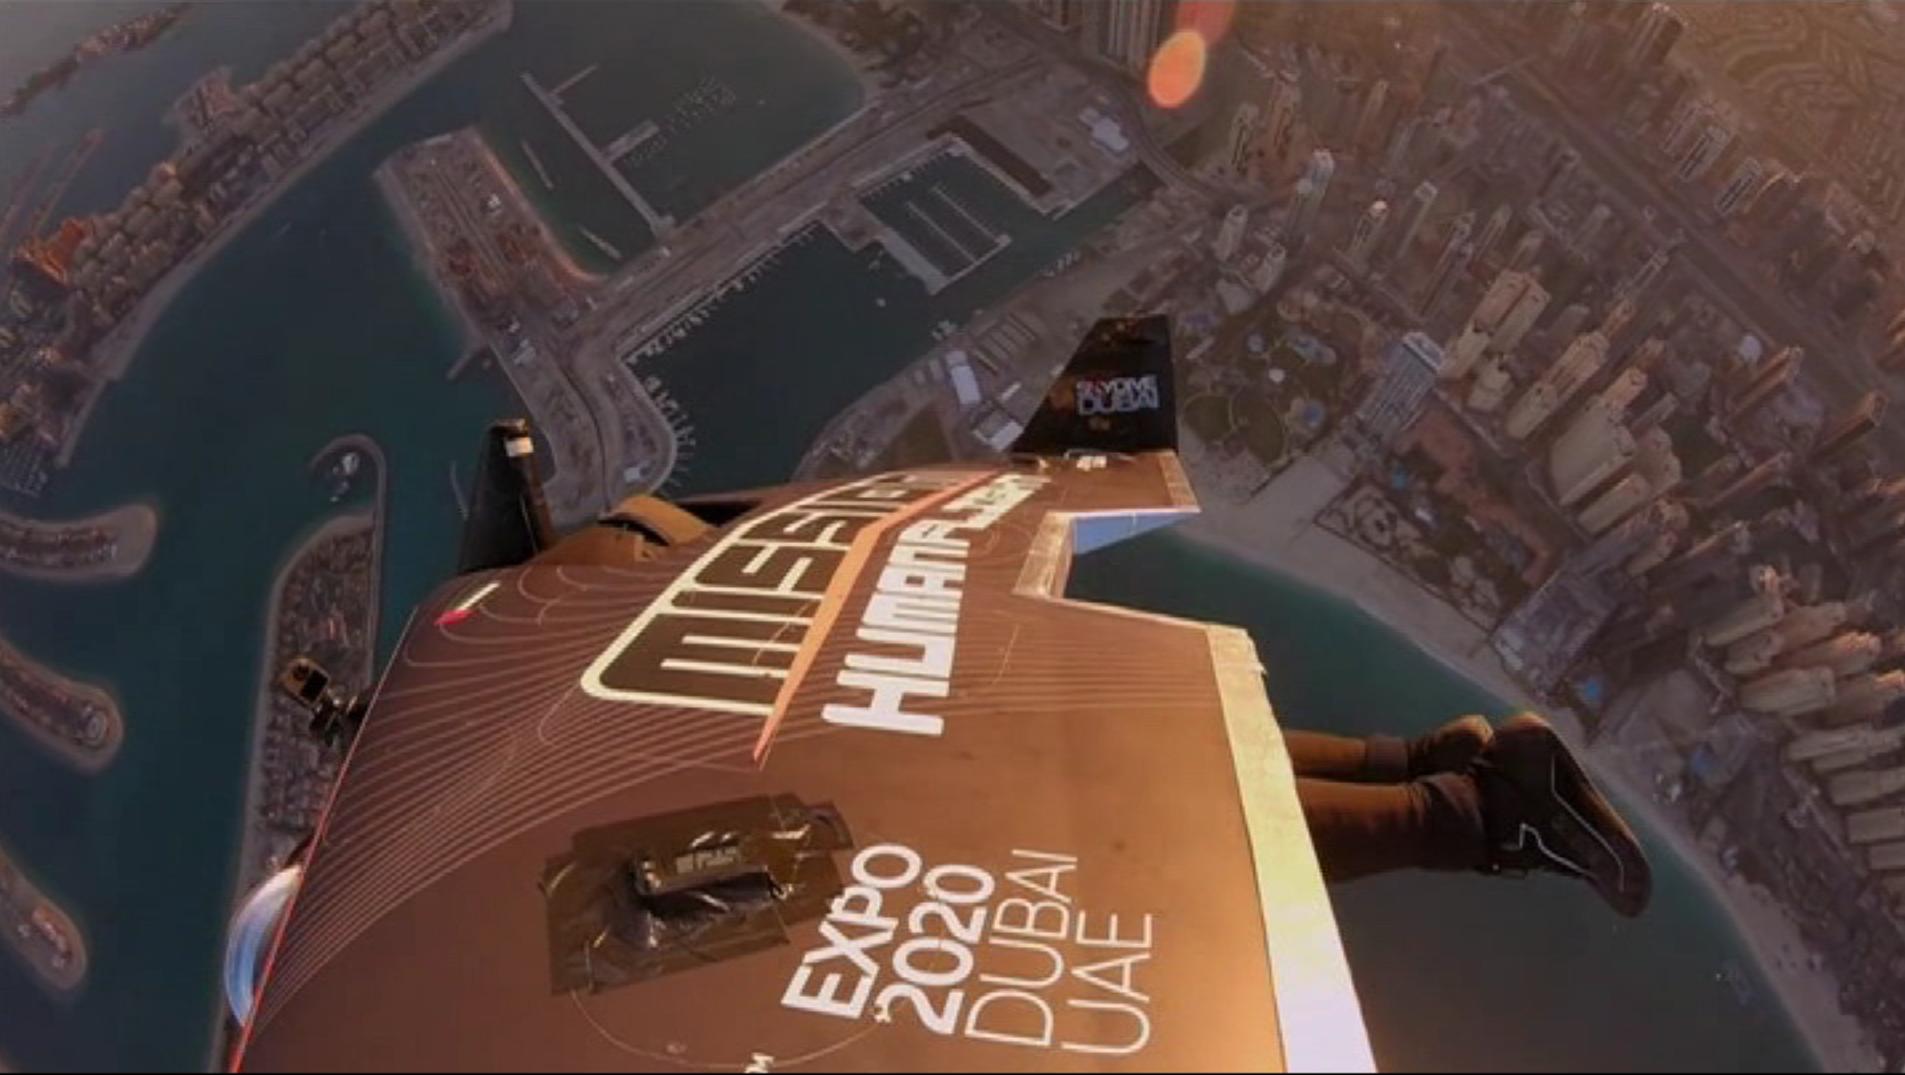 L%22home+ocell%27+sobrevola+Dubai+a+m%C3%A9s+de+240+quil%C3%B2metres+per+hora